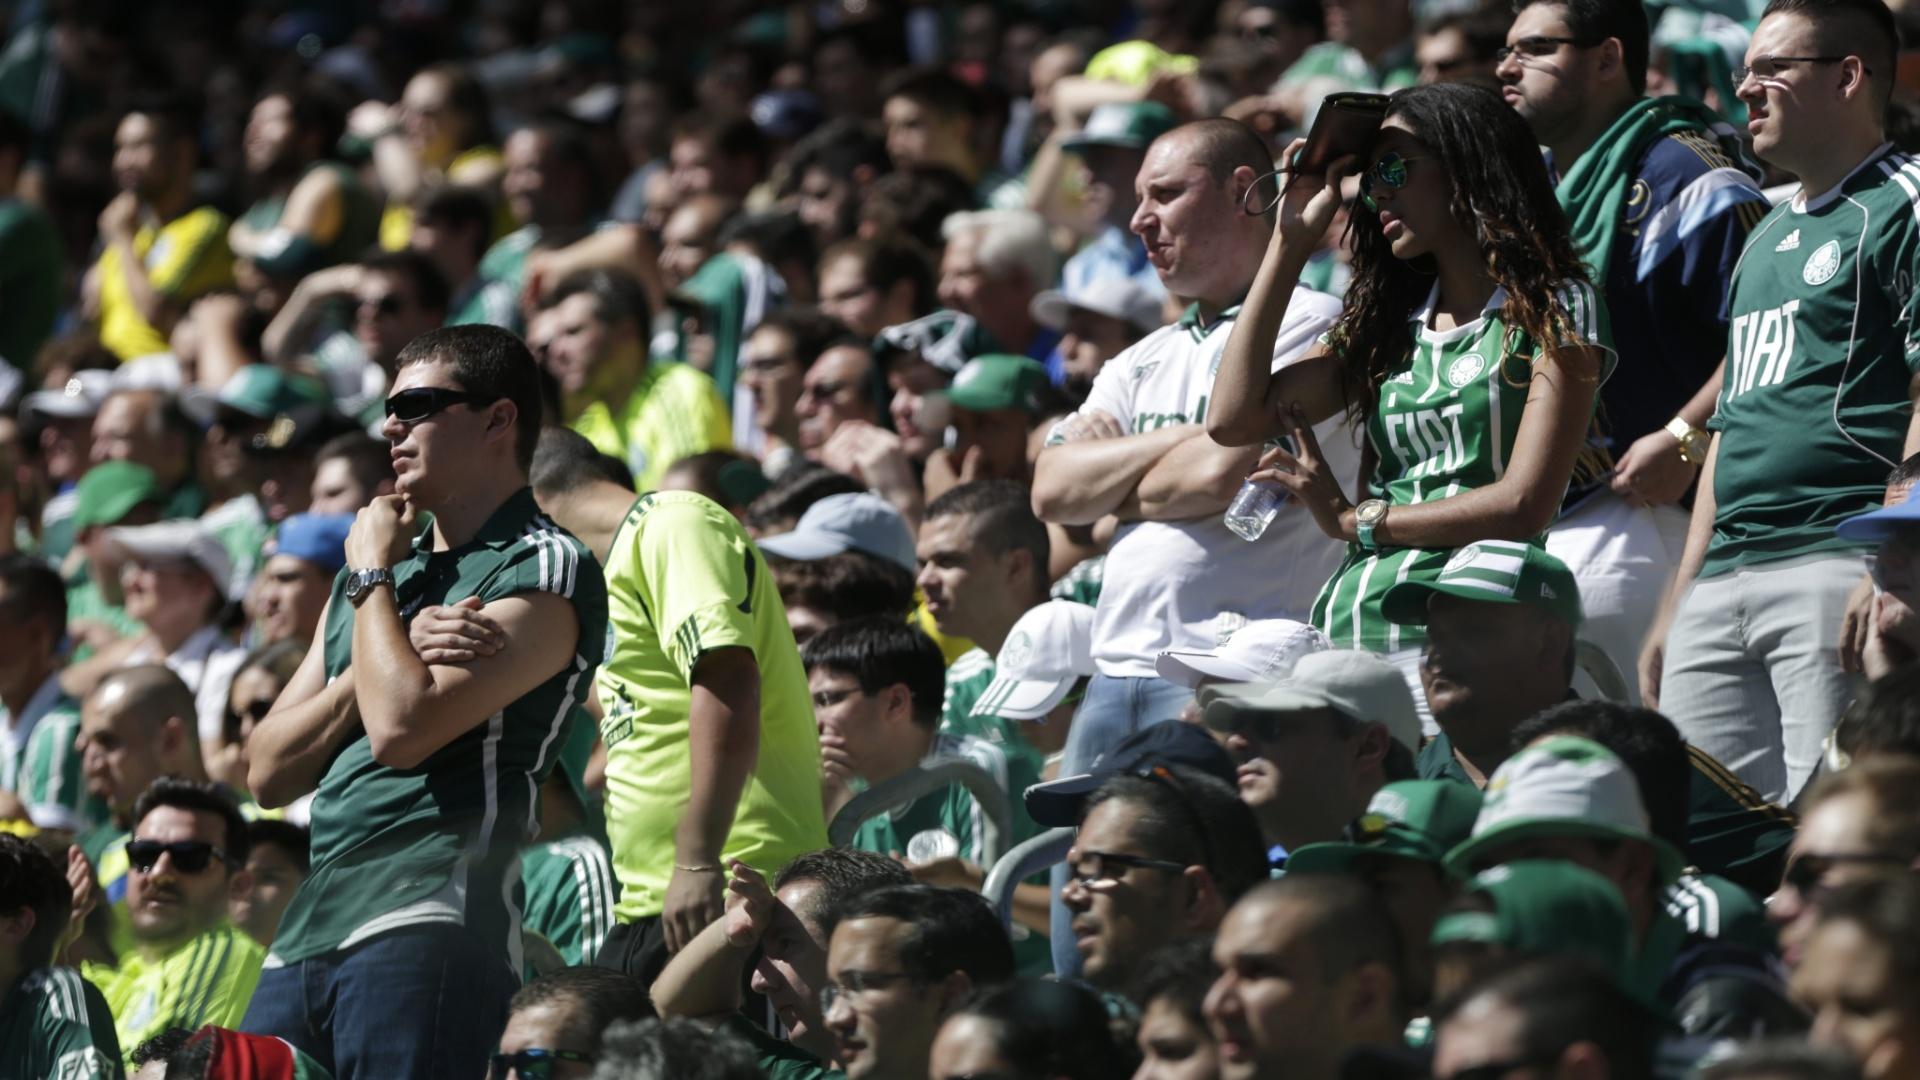 Torcida do Palmeiras comparece ao Allianz Parque para o duelo contra o Atlético-PR